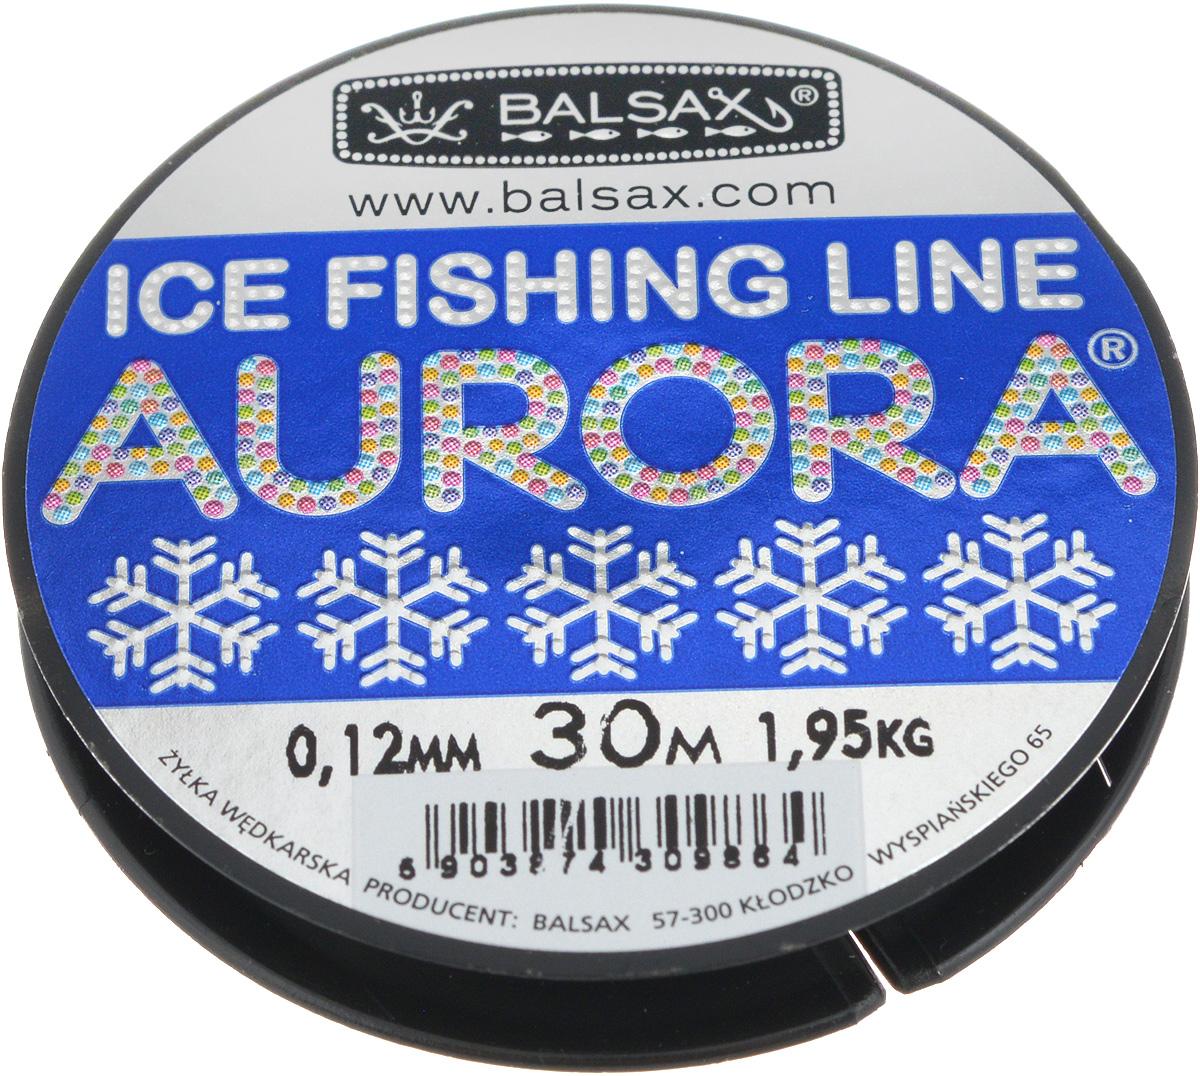 Леска зимняя Balsax Aurora, 30 м, 0,12 мм, 1,95 кг310-04012Леска Balsax Aurora изготовлена из 100% нейлона и очень хорошо выдерживает низкие температуры. Даже в самом холодном климате, при температуре вплоть до -40°C, она сохраняет свои свойства практически без изменений, в то время как традиционные лески становятся менее эластичными и теряют прочность. Поверхность лески обработана таким образом, что она не обмерзает и отлично подходит для подледного лова. Прочна в местах вязки узлов даже при минимальном диаметре.